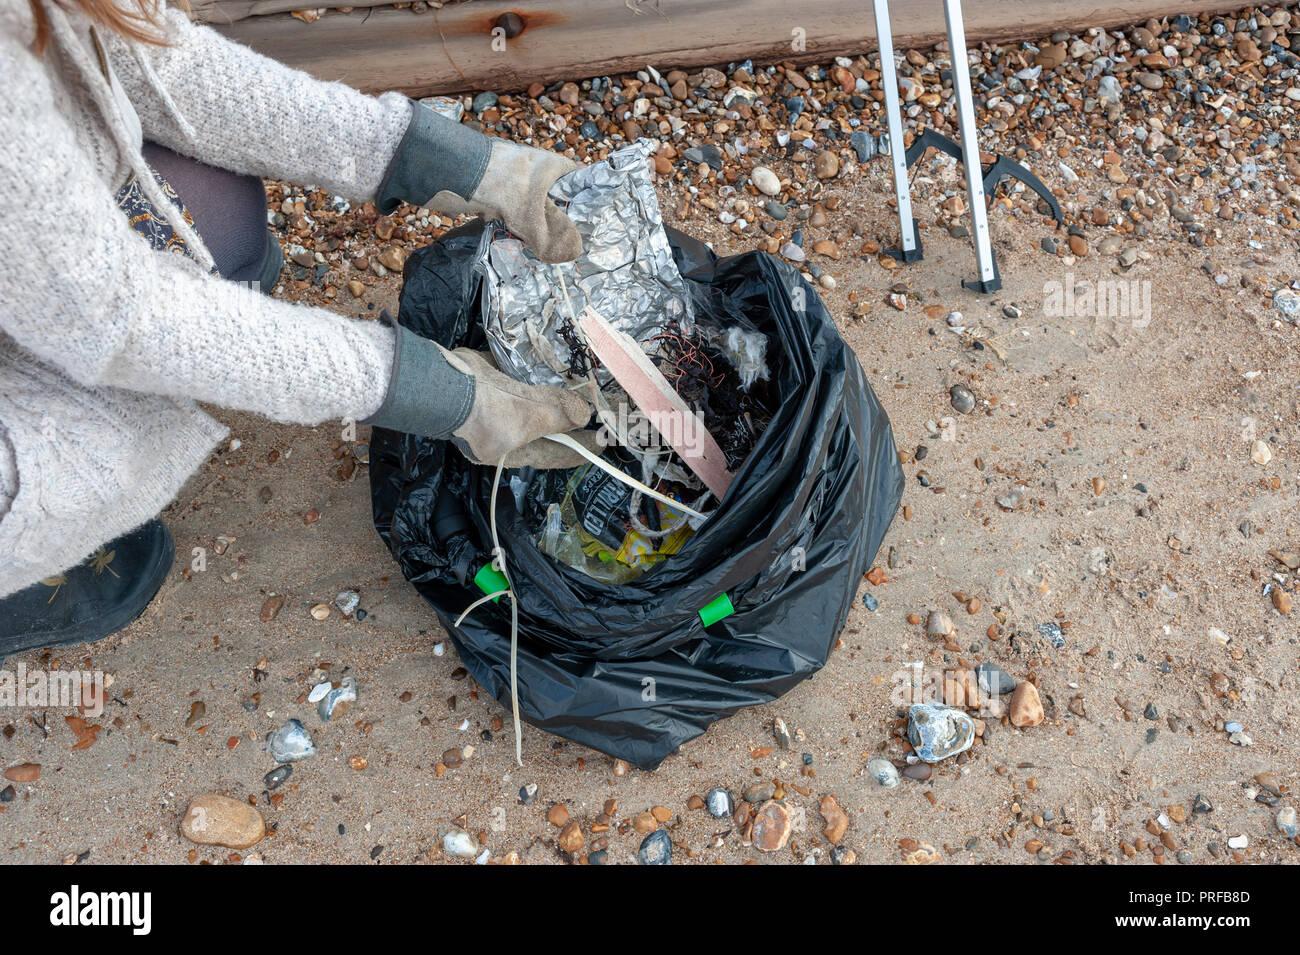 De Y Una Recogidos Plástico Desechos Mujer Pone Guantes Basura Con 6xtxC